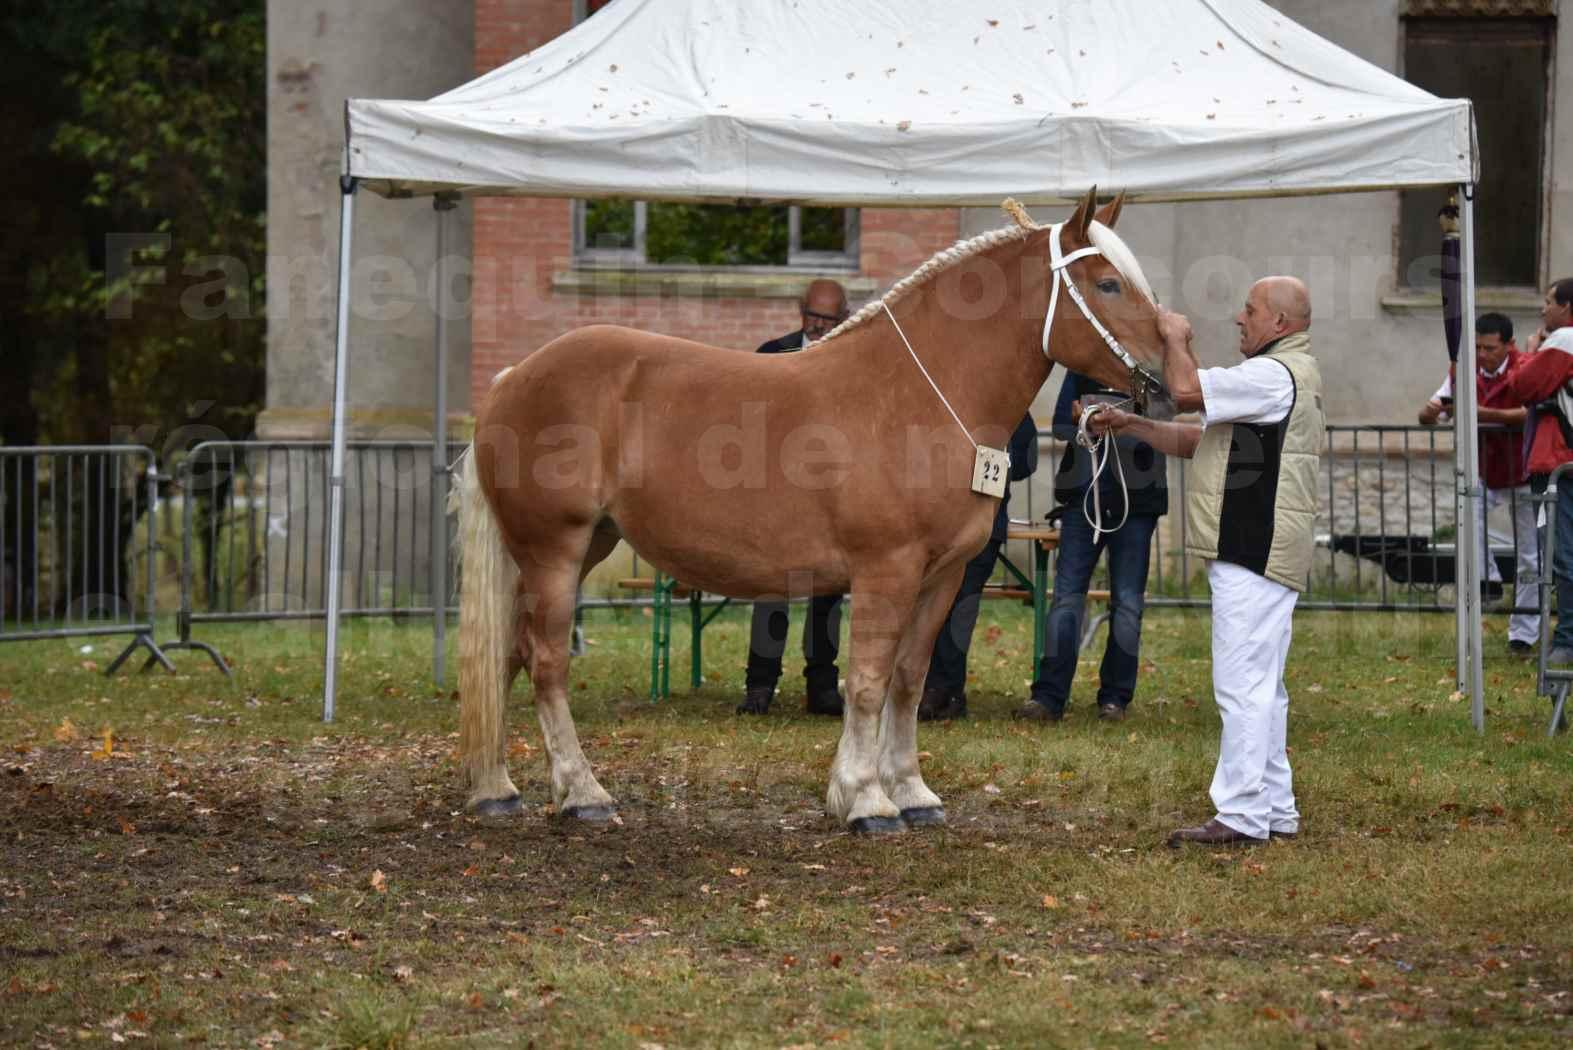 Concours Régional de chevaux de traits en 2017 - Trait COMTOIS - ELLA DE BELLER - 3